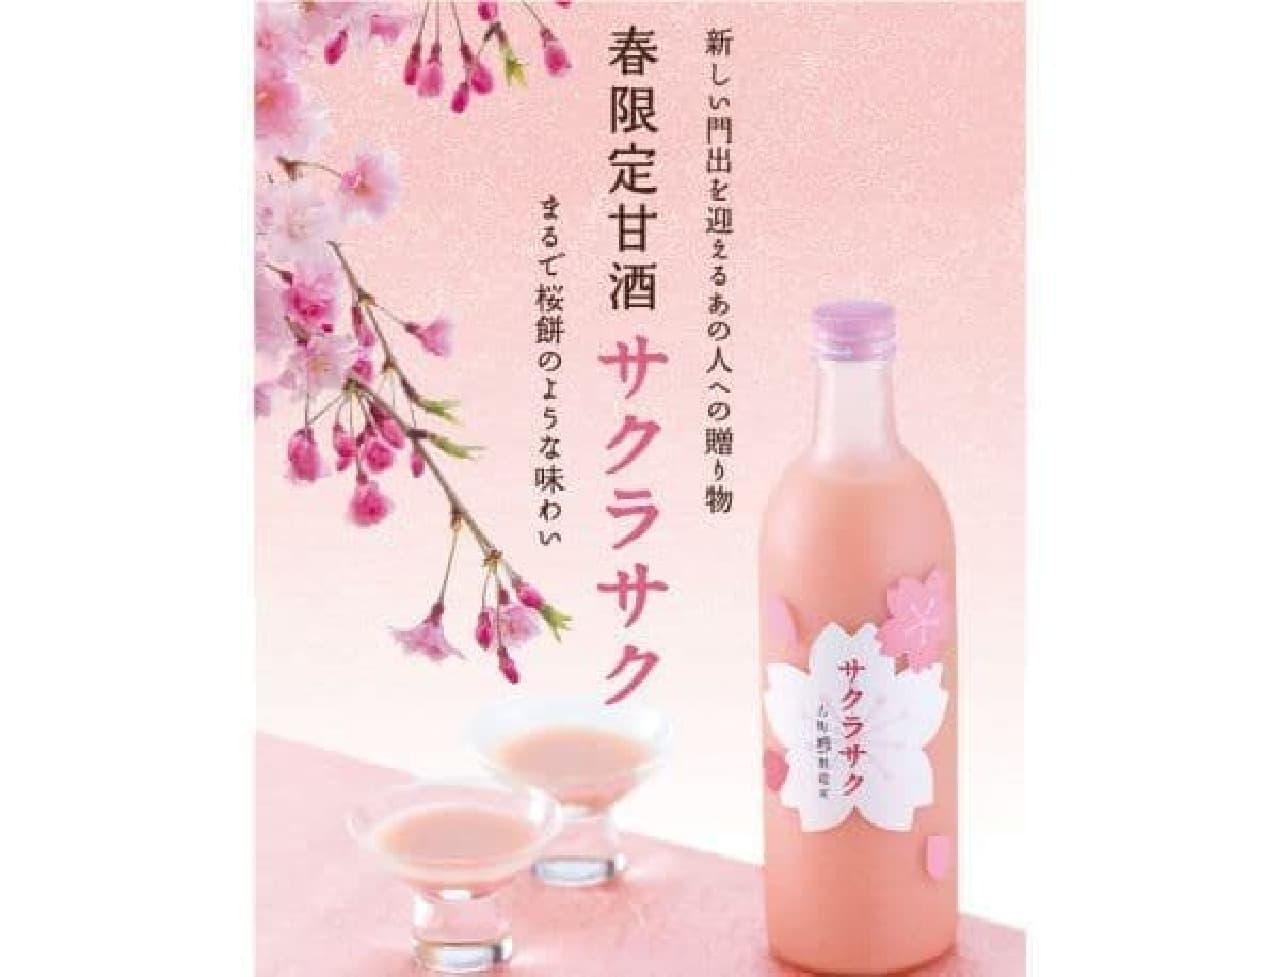 糀の甘酒「サクラサク」は、新潟県産の米を使用し、新潟の蔵で丁寧に仕込んだ糀の甘酒に桜葉ペーストを合わせた甘酒